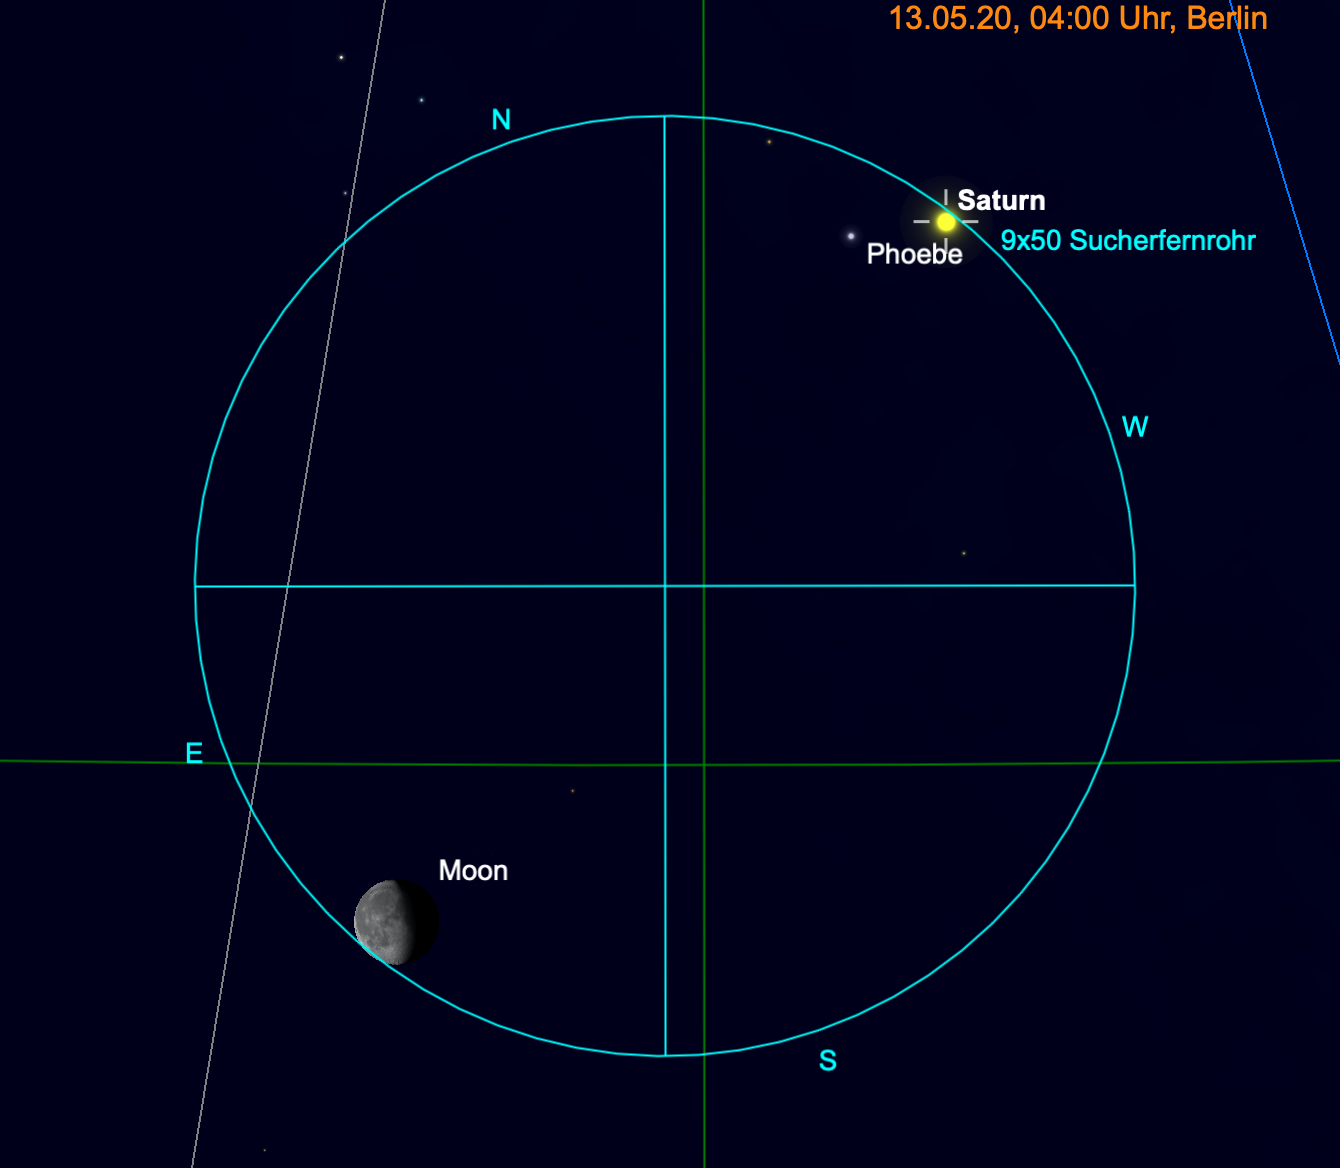 Mond und Saturn im Fernglas